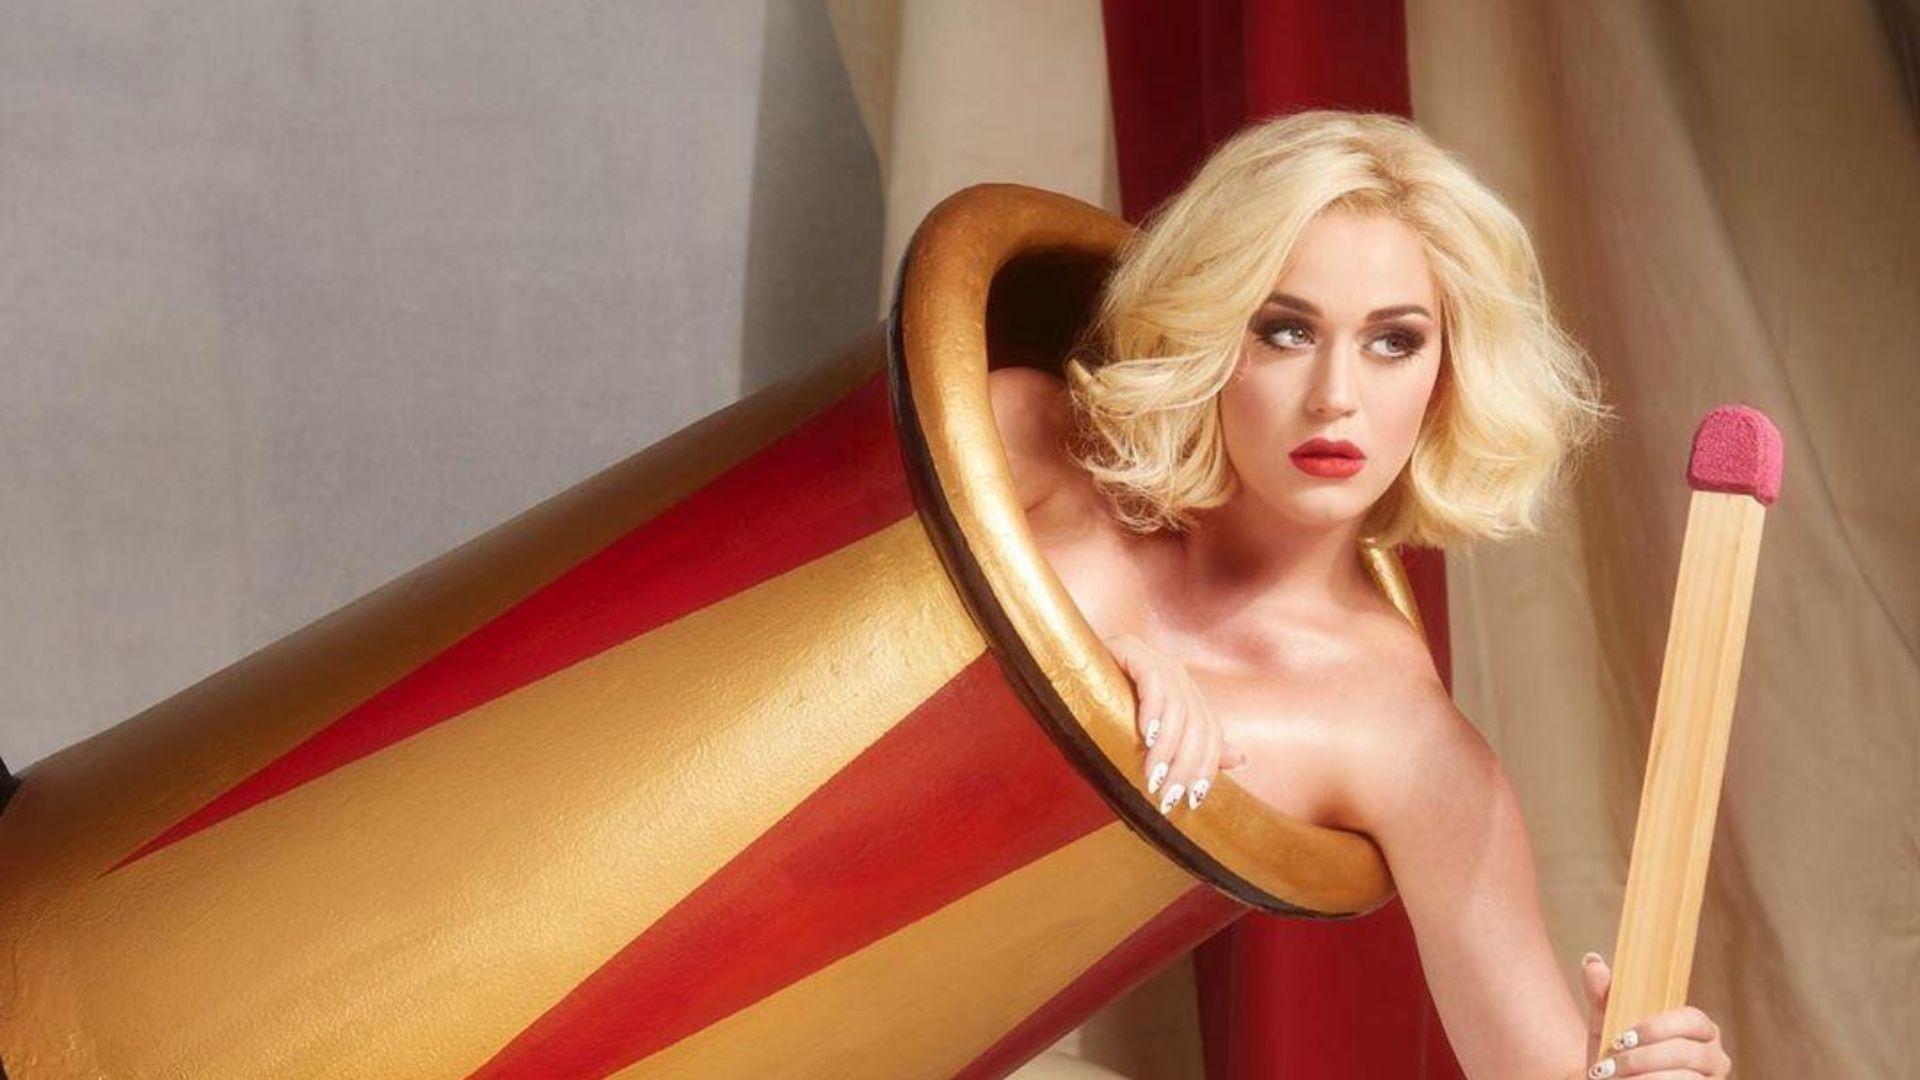 Katy Perry nos quadrinhos. Confira o novo clipe!